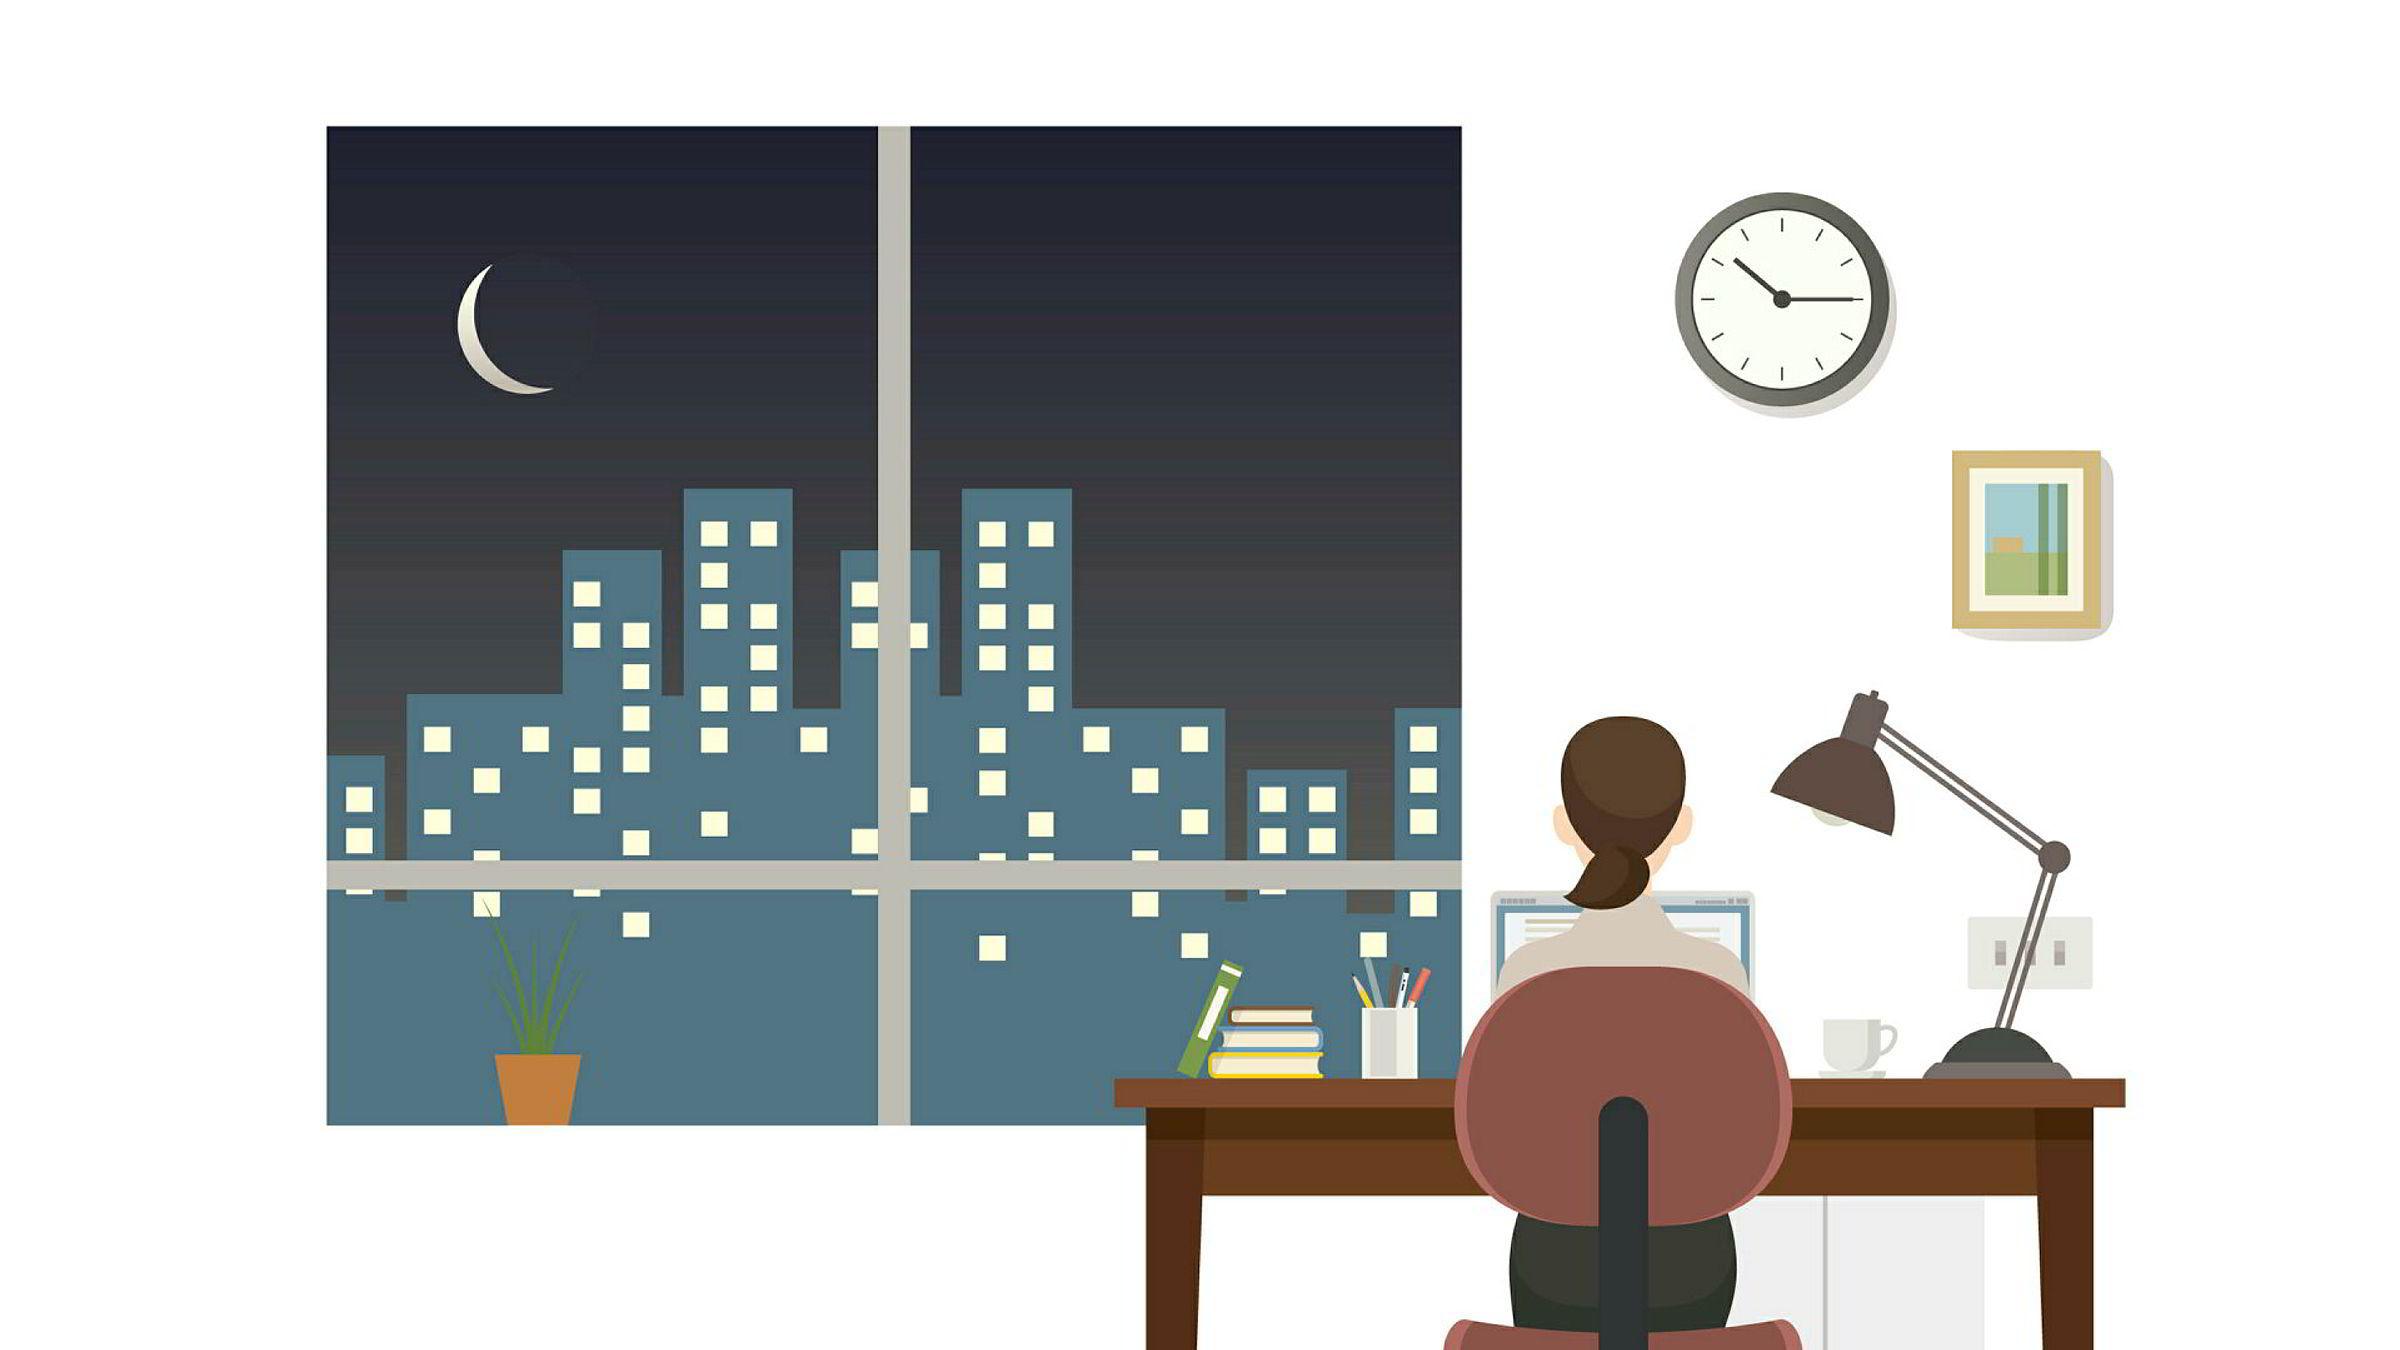 Så lenge arbeidsgiver vet eller burde visst at vedkommende jobber overtid, og stilltiende har akseptert det, har arbeidstageren krav på overtidsbetaling, skriver Econa-advokat Heidi Fuglesang i innlegget.